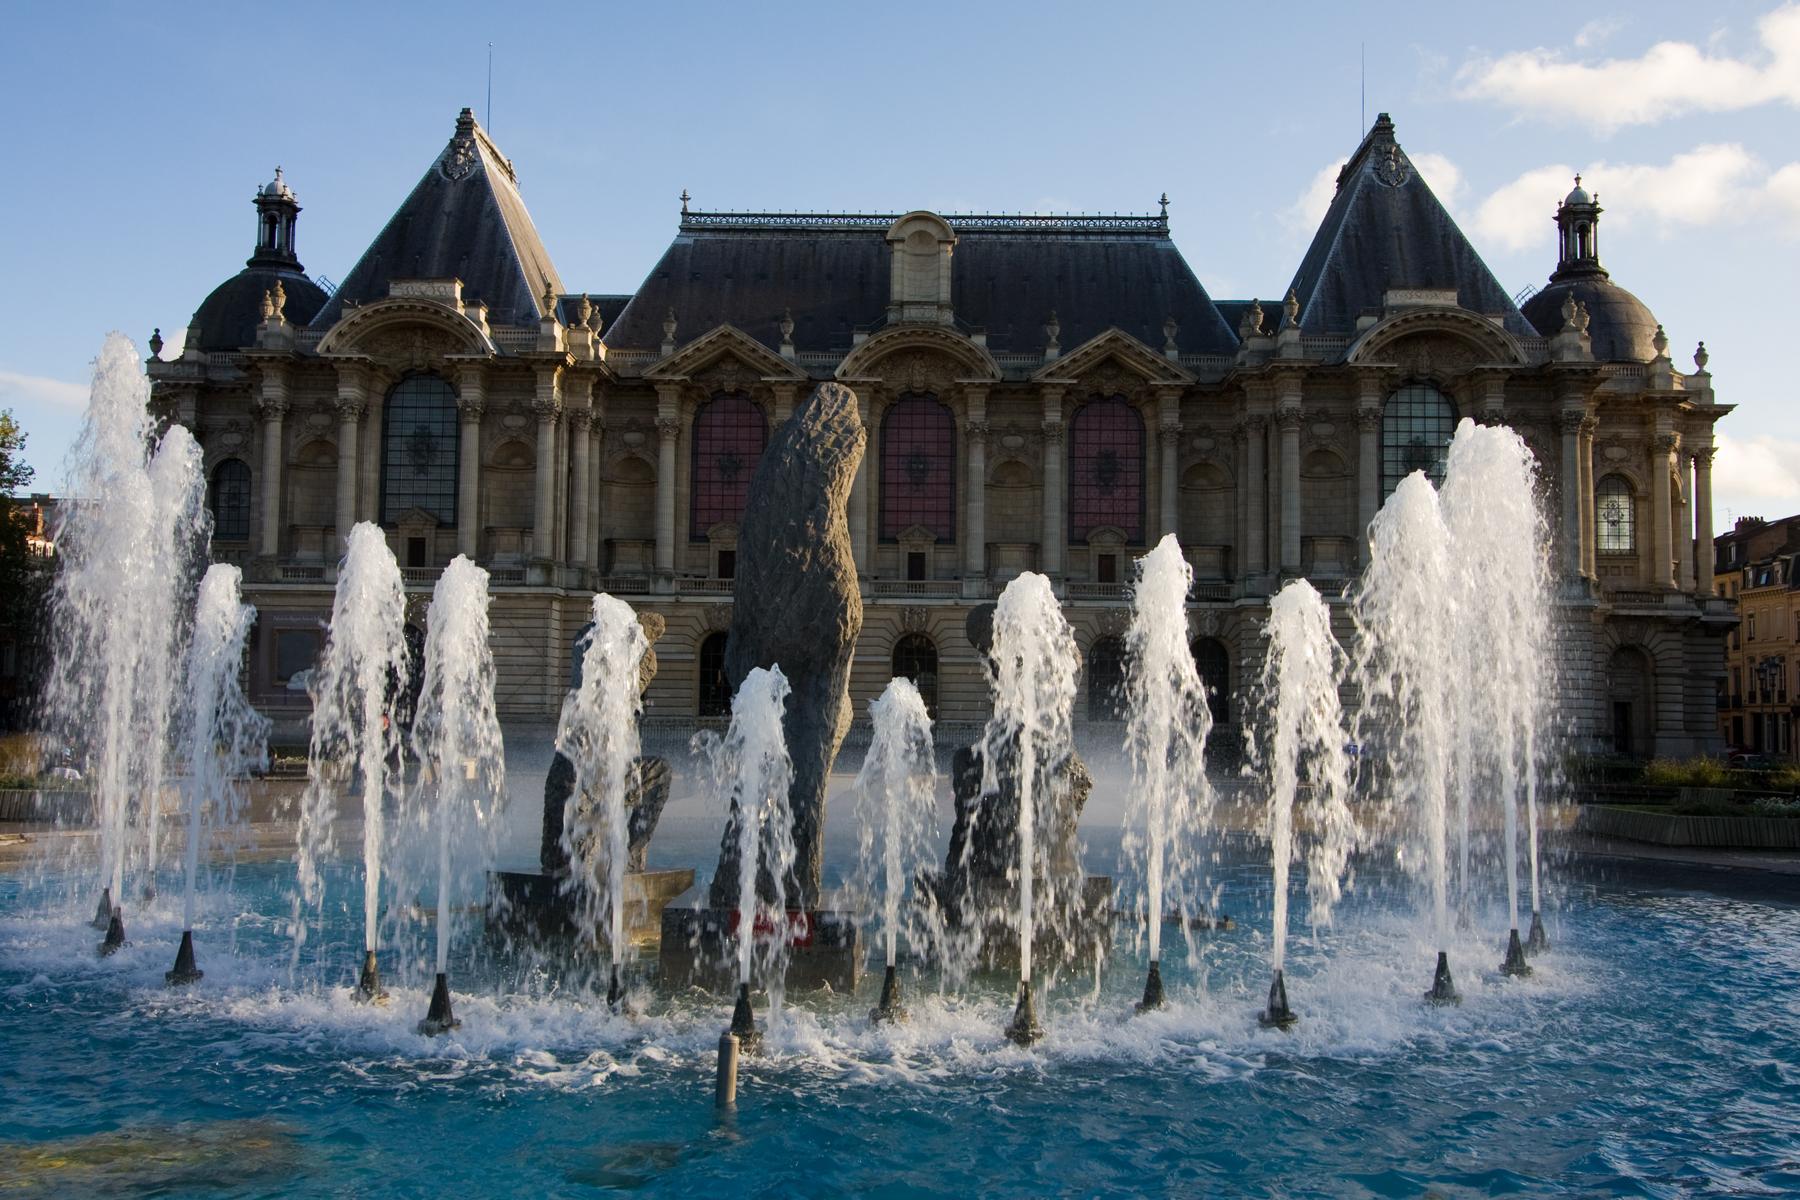 Palais des Beaux Arts in Lille